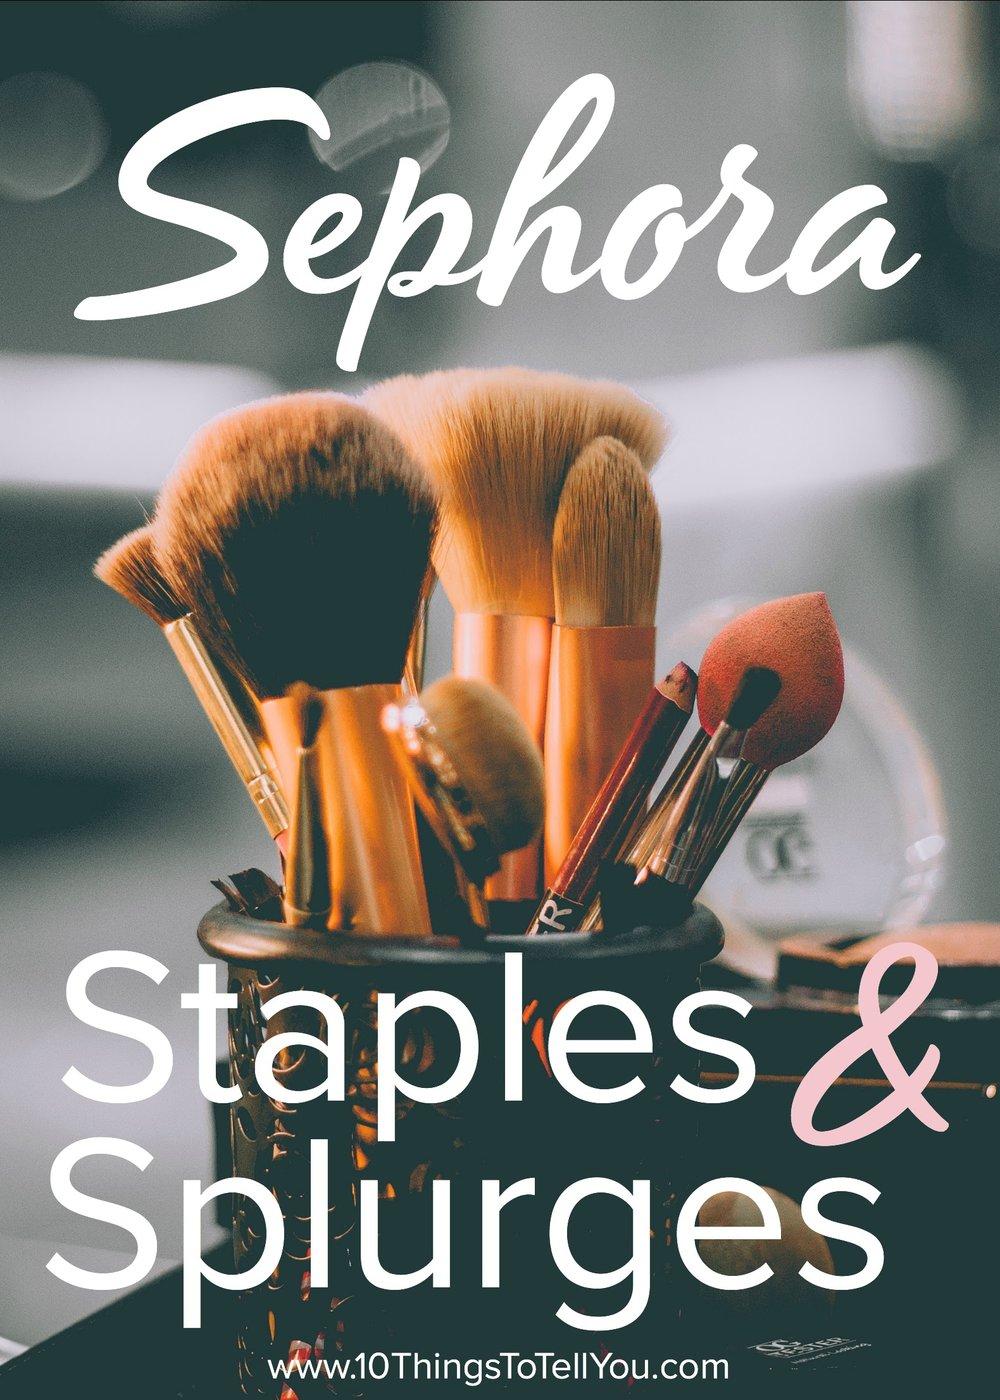 Sephora Staples & Splurges.jpg